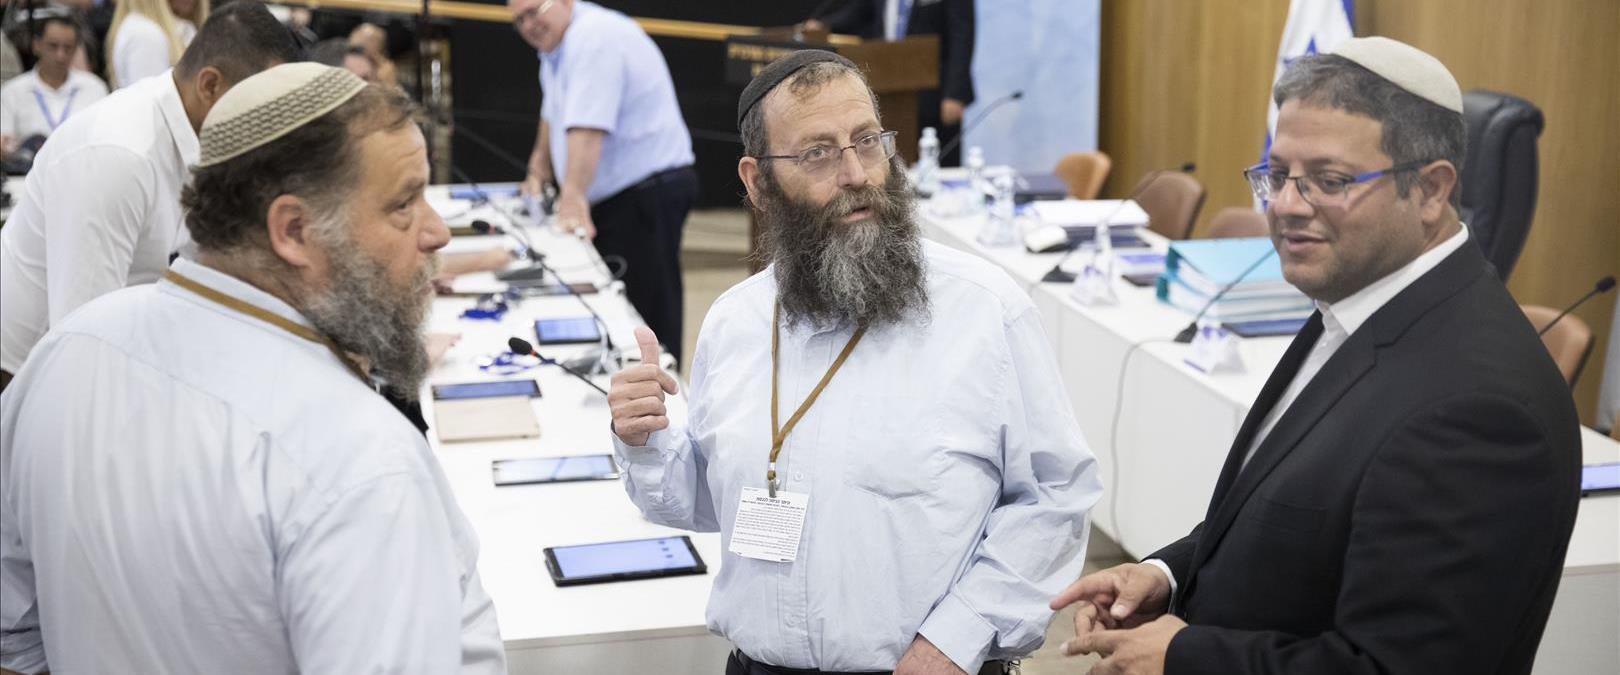 אנשי עוצמה יהודית בדיון בוועדת הבחירות